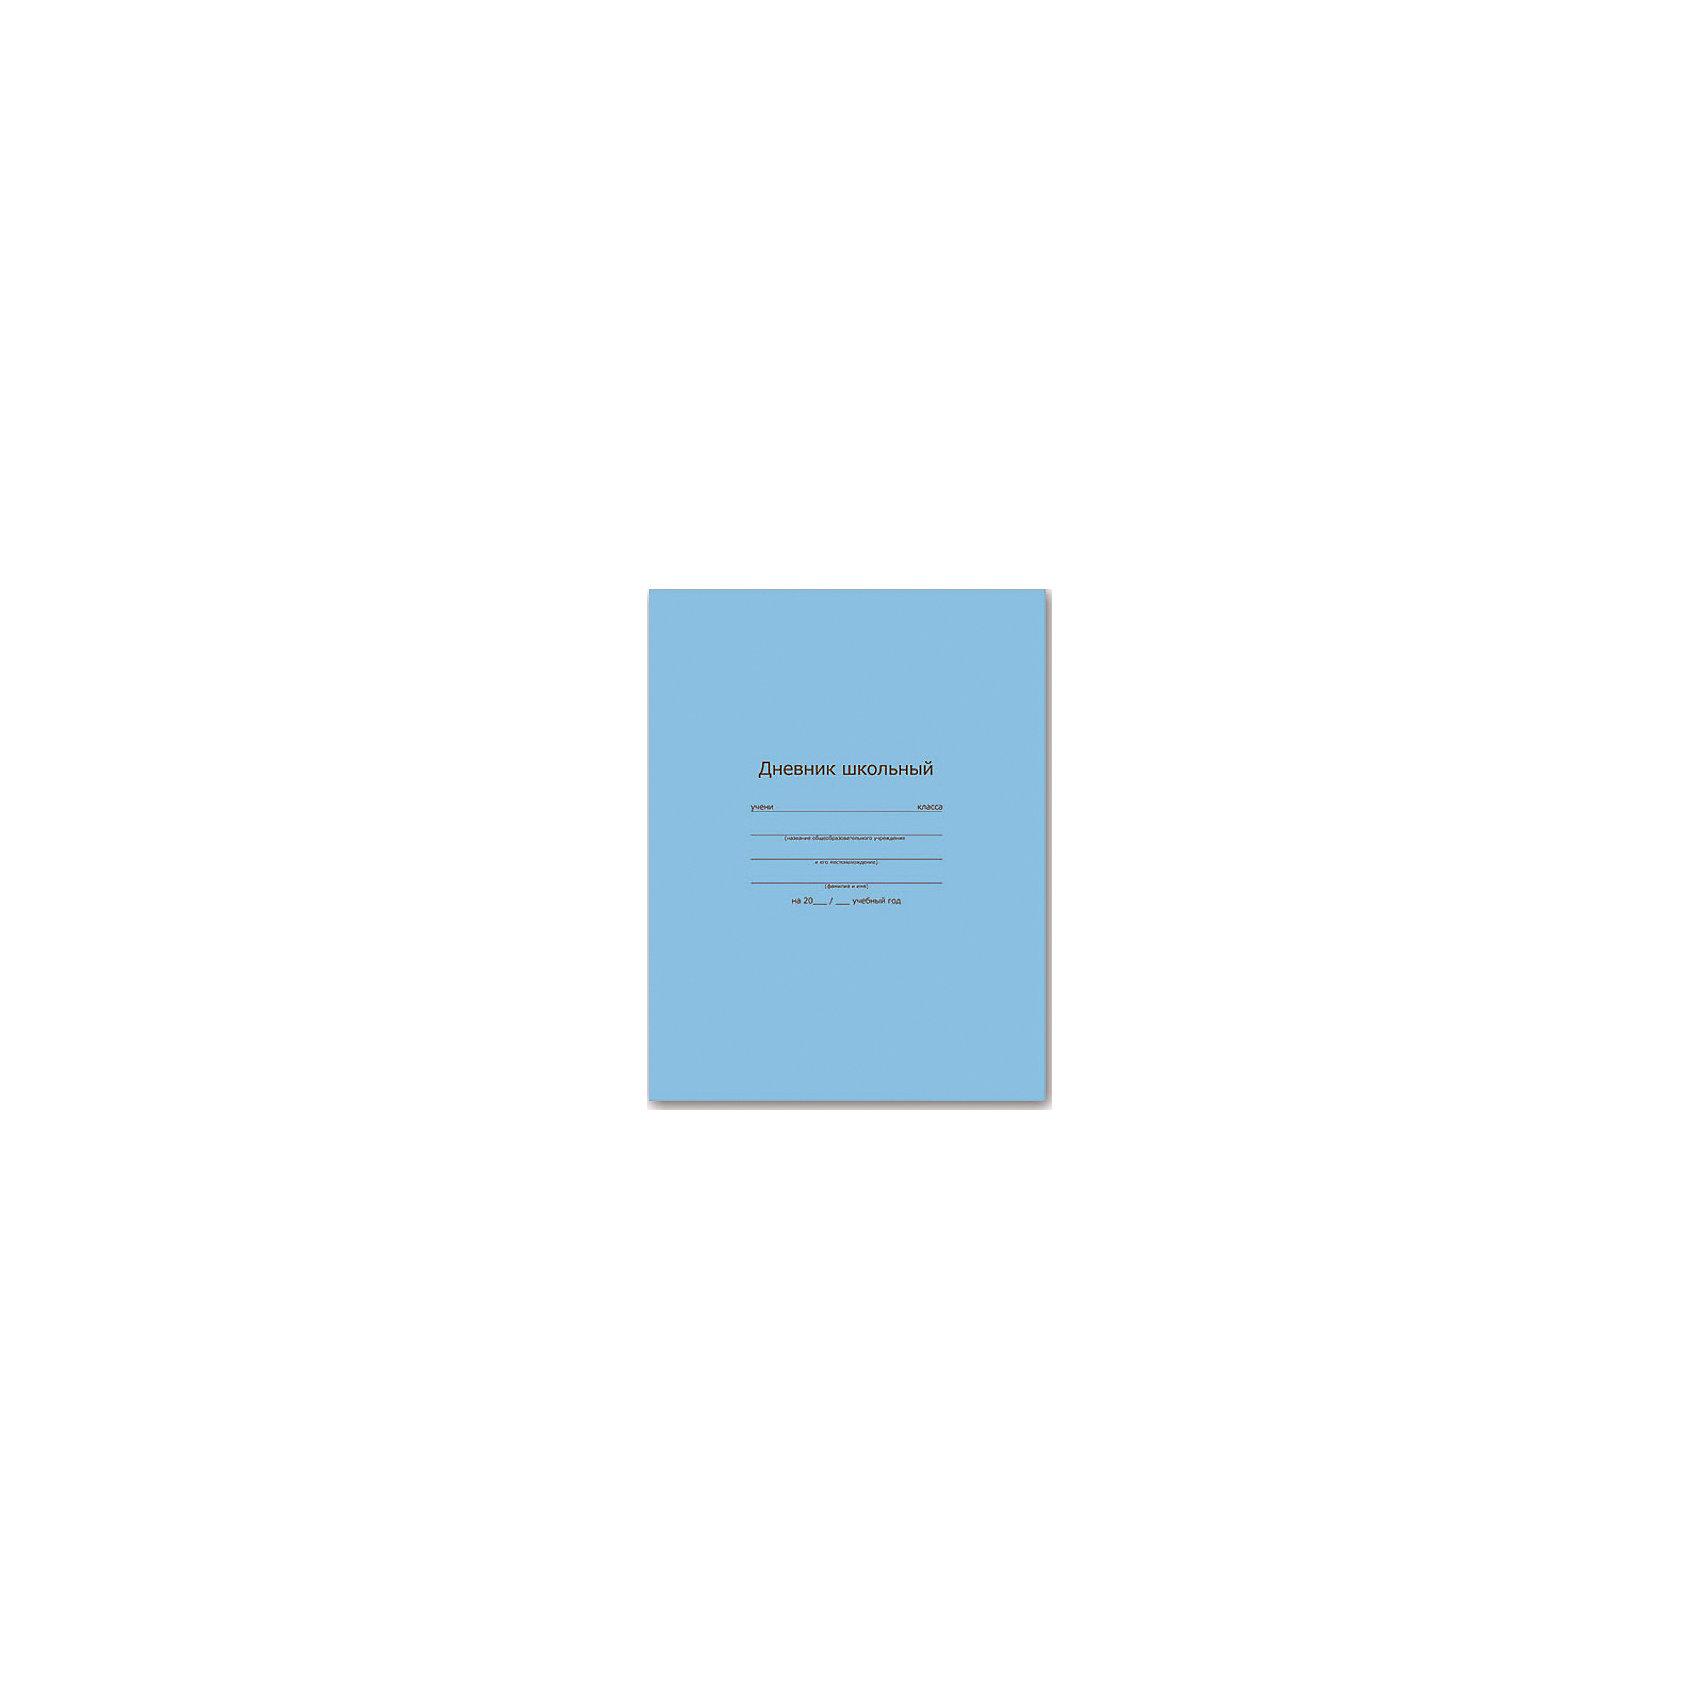 Дневник, голубой